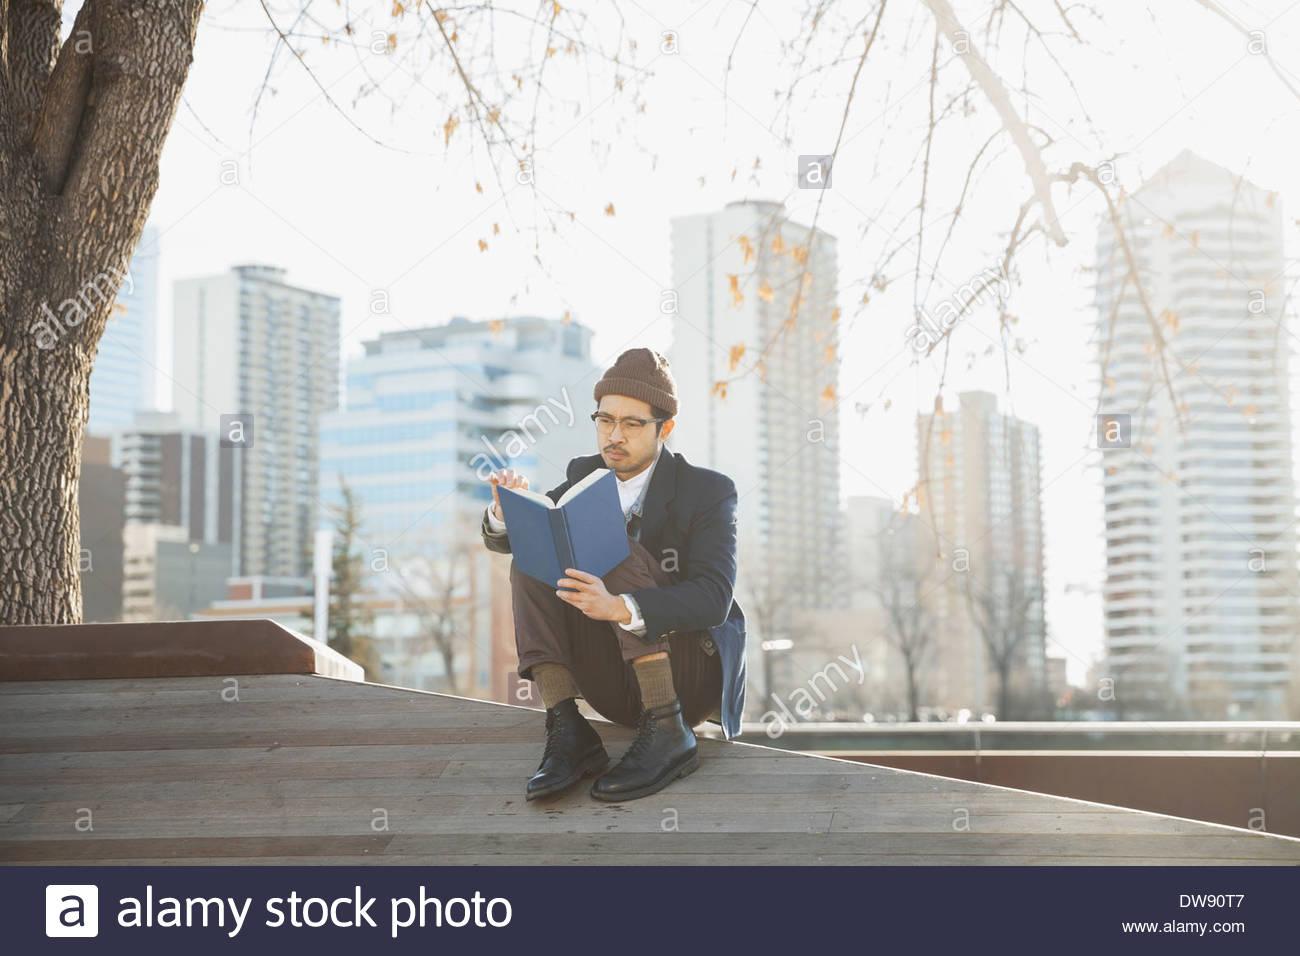 El hombre libro de lectura al aire libre contra el paisaje urbano Imagen De Stock